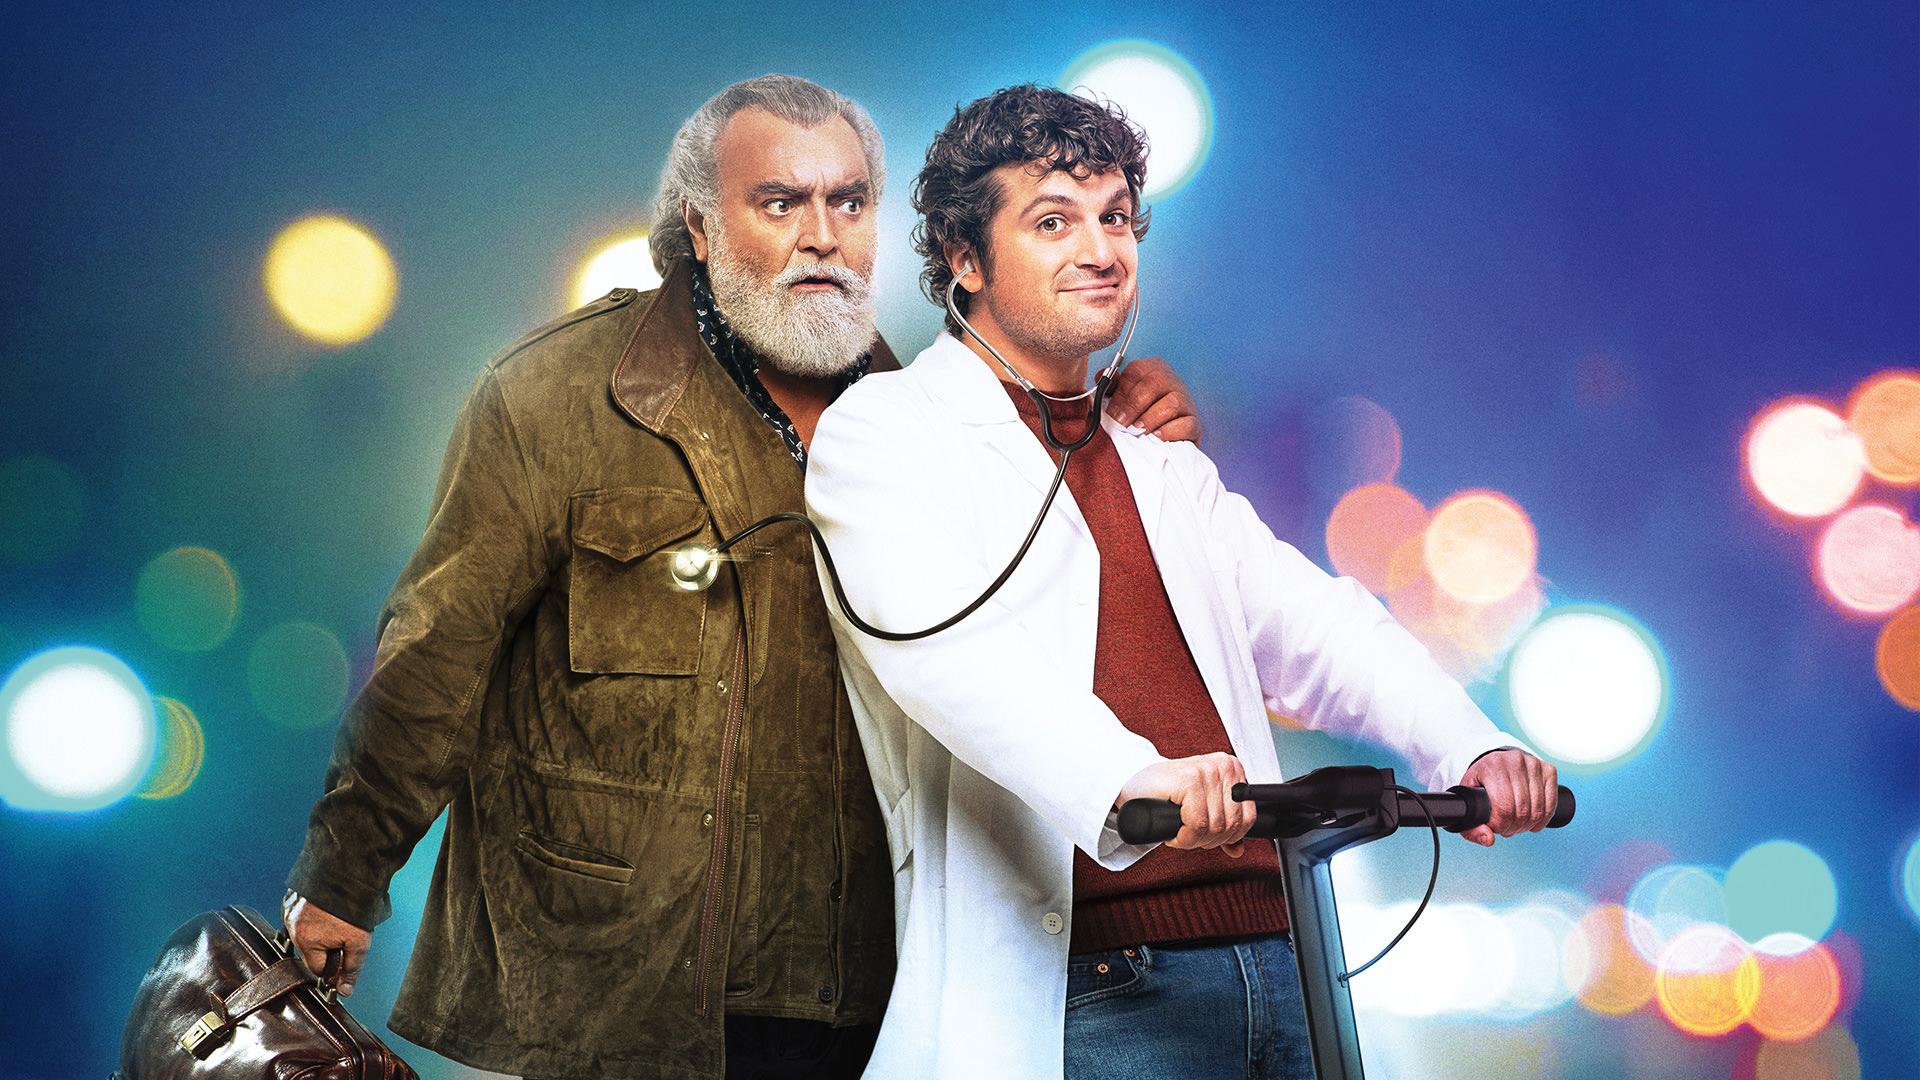 la nuova commedia diretta da Guido Chiesa e con protagonista un'inedita e strana coppia: Diego Abatantuono e Frank Matano